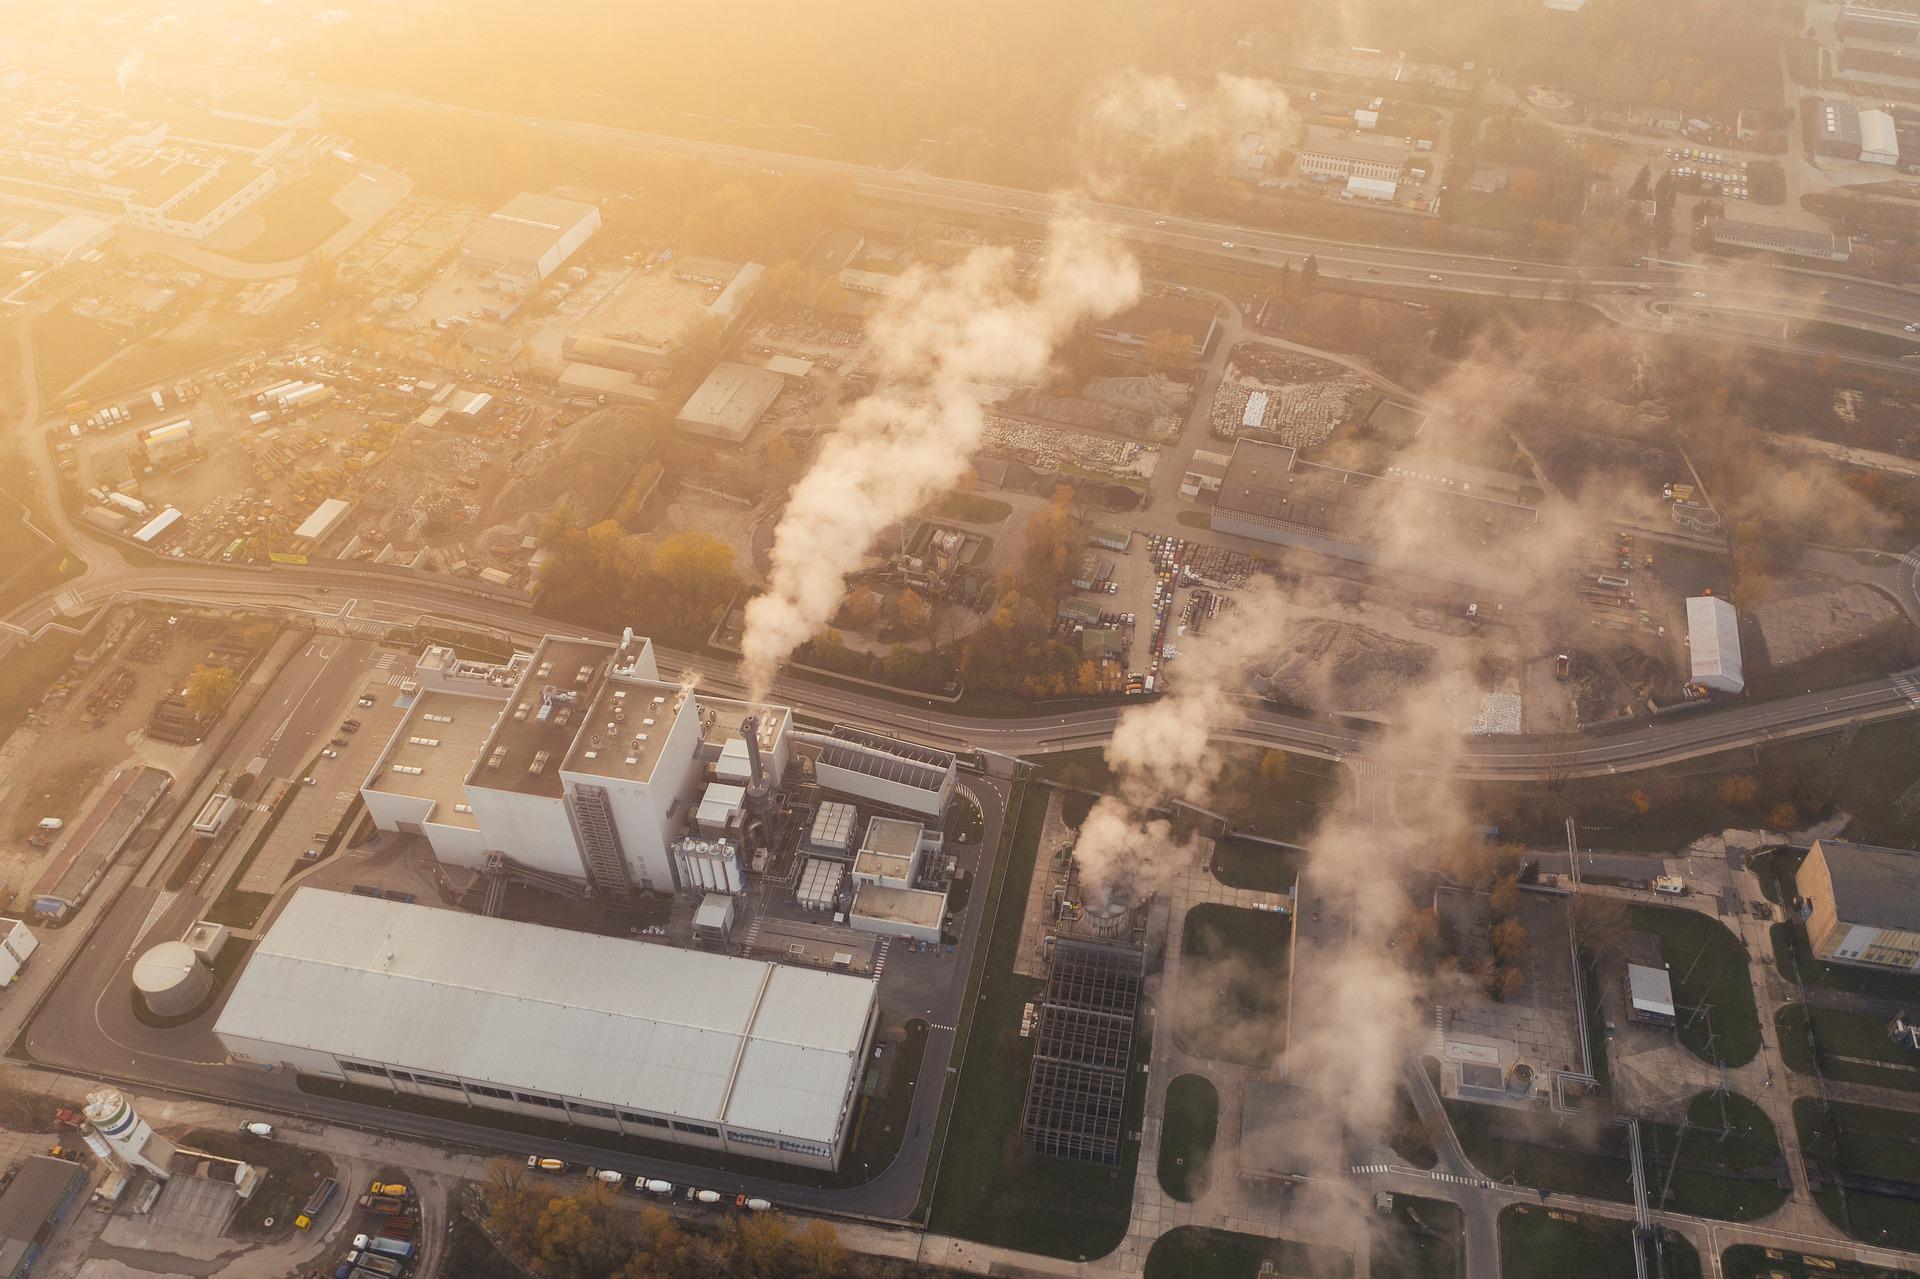 联合国推出《气候行动手册》,为时尚行业温室气体减排提出具体方案